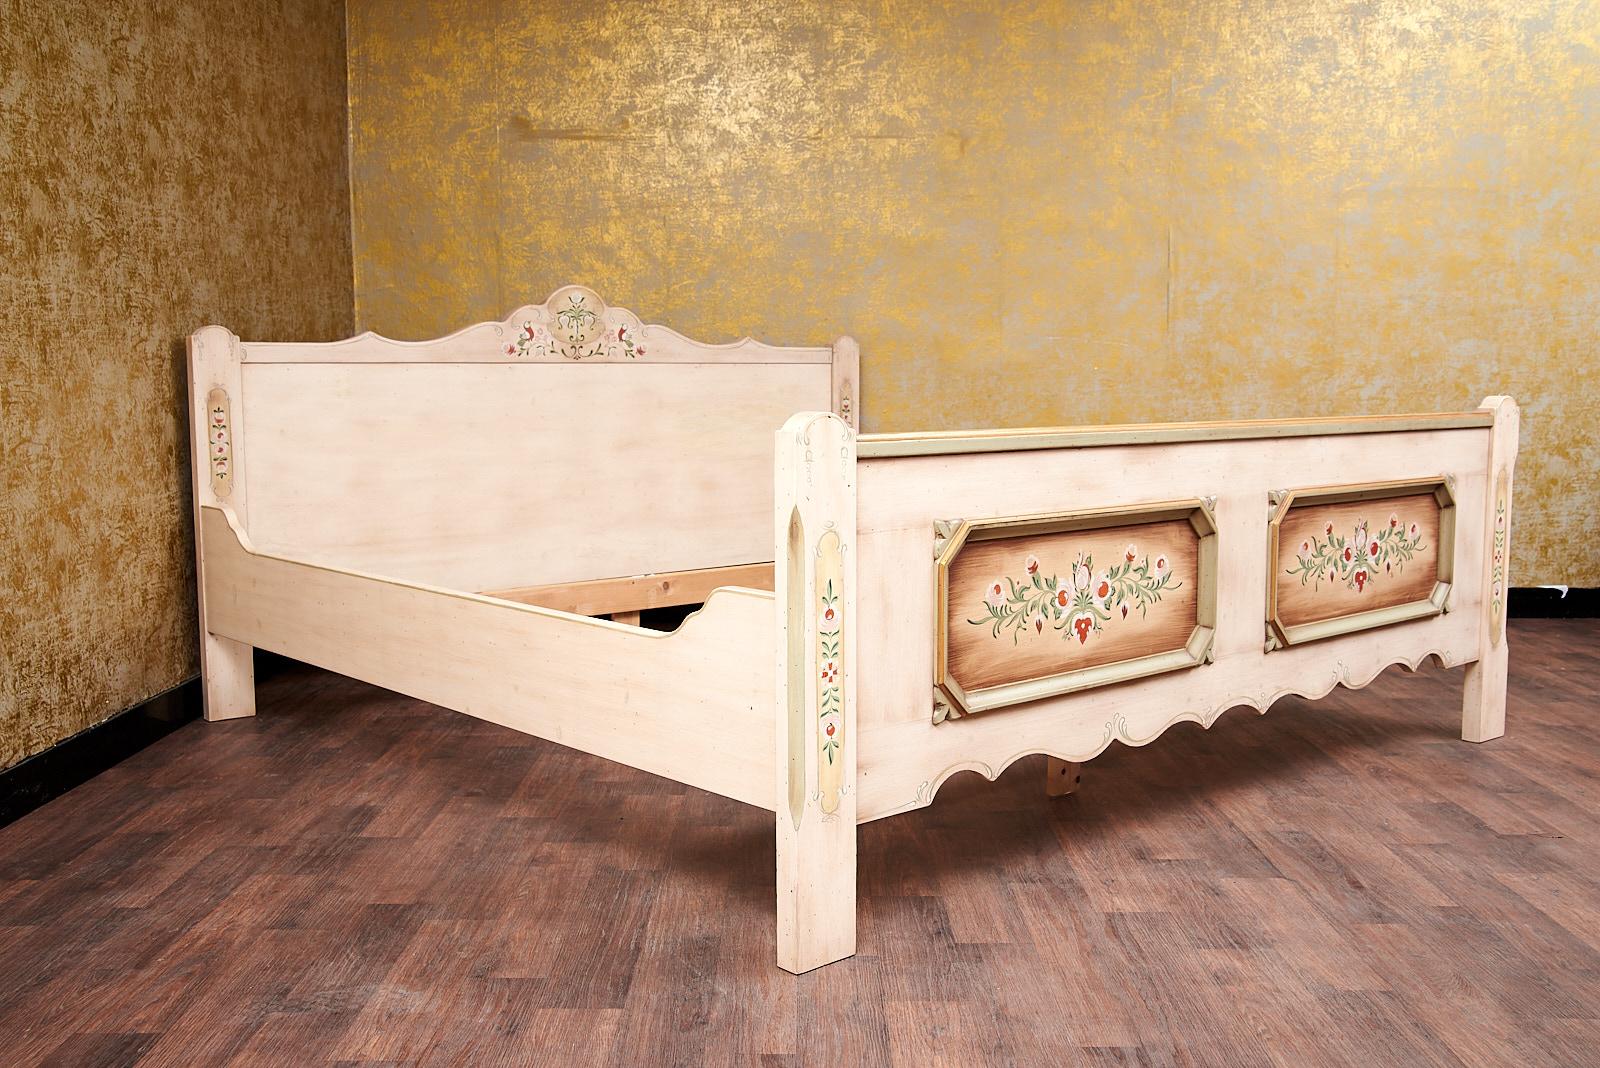 Full Size of Bett Landhaus Voglauer Anno 1700 Altwei Doppelbett 200x220 Steens Französische Betten Sofa 120x200 Mit Bettfunktion Moebel De Holz Ruf Fabrikverkauf Bett Bett Landhaus